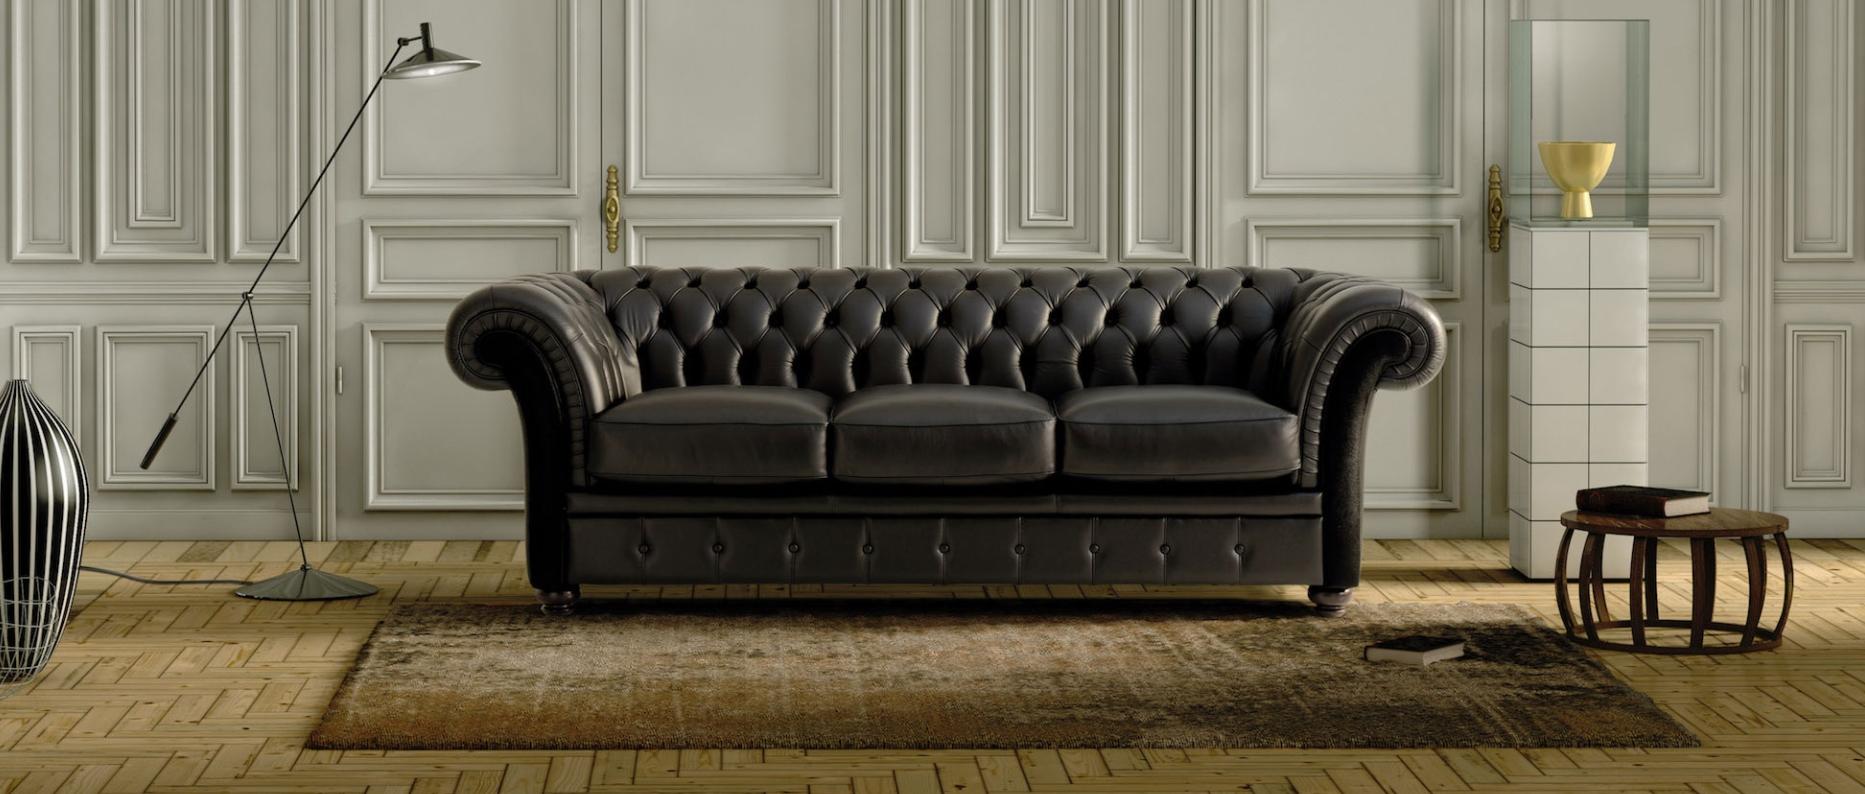 Cómo acertar al comprar un sofá para casa 3